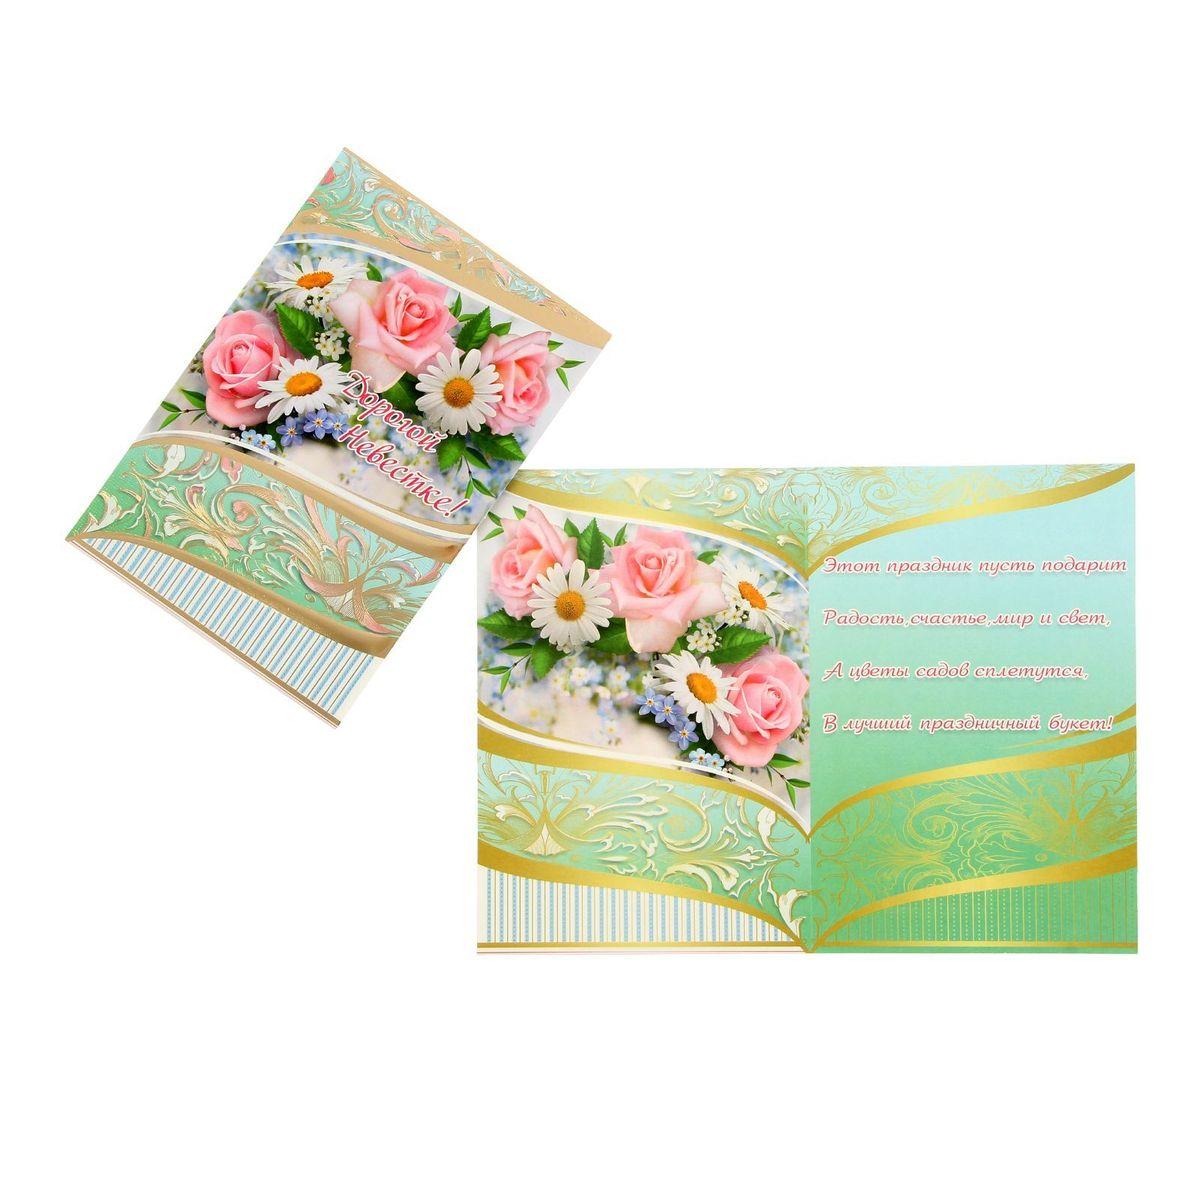 Открытка Sima-land Дорогой невестке! открытка sima land в день свадьбы беседка и цветы